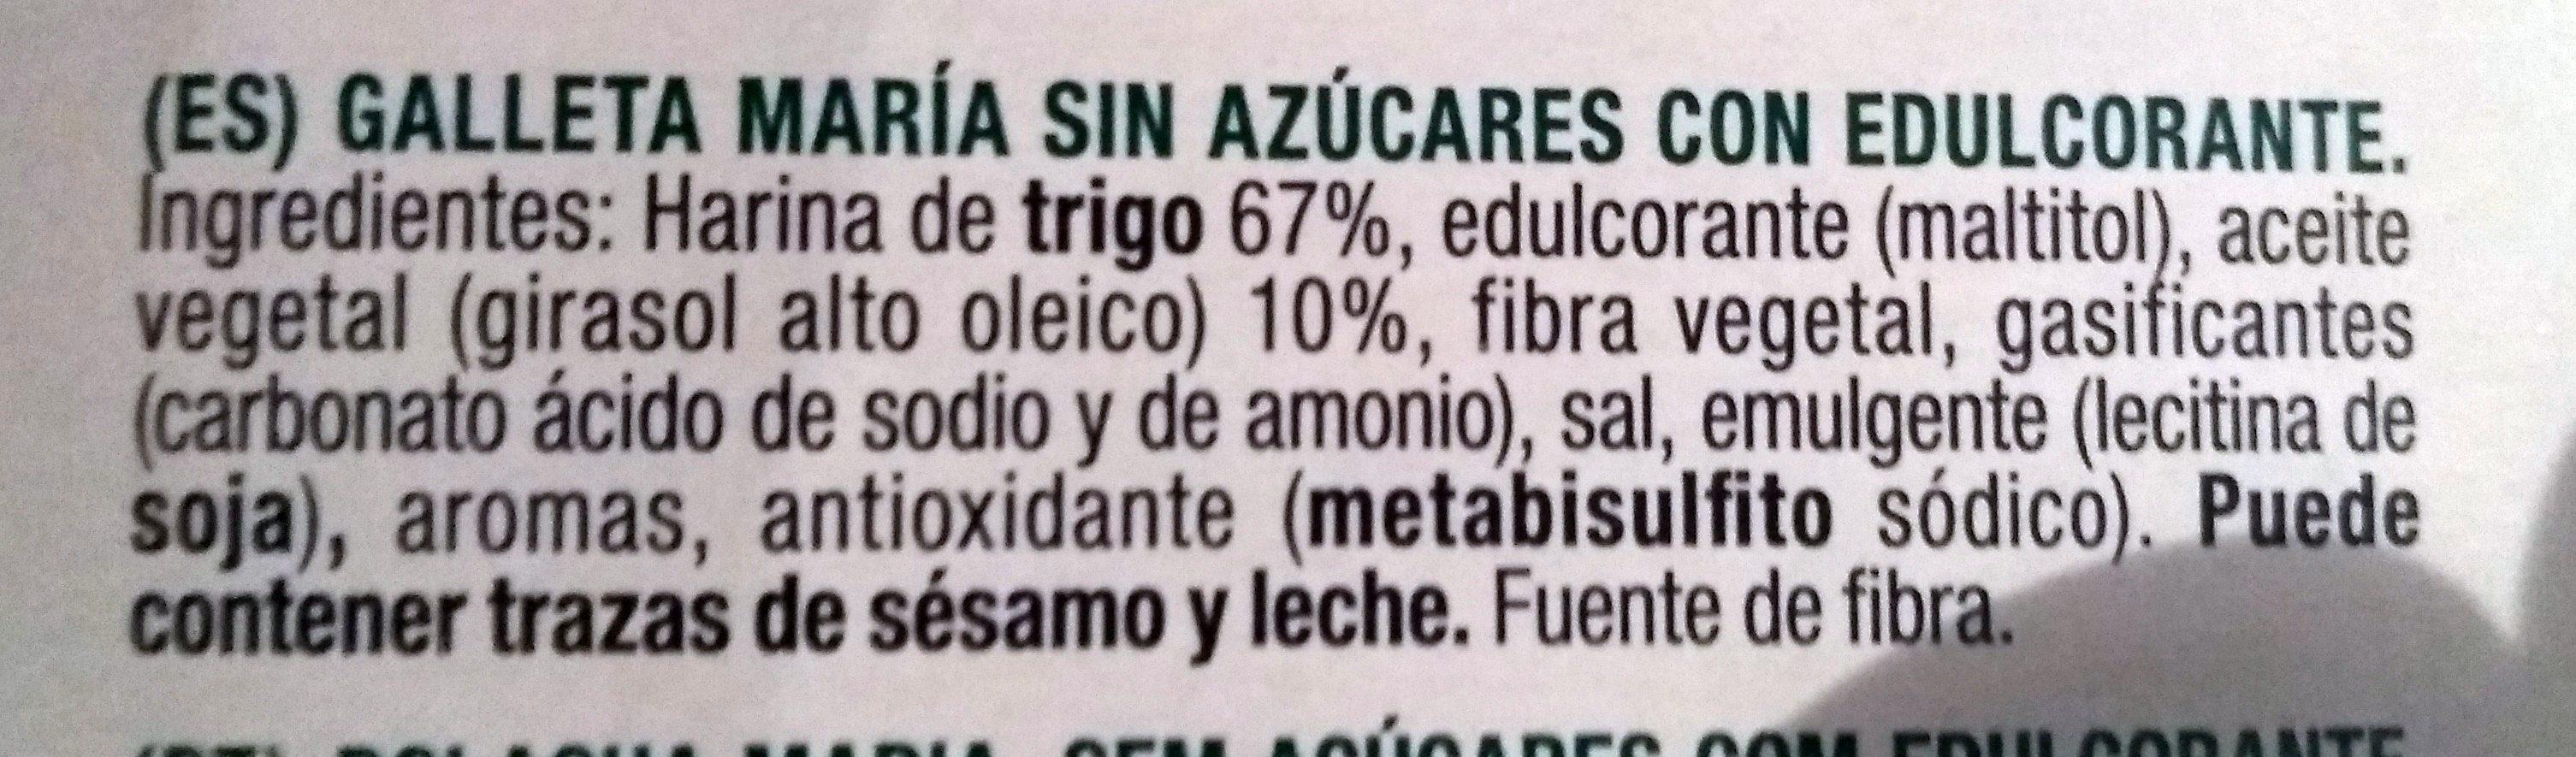 Diet Nature María sin azúcares - Ingredientes - es